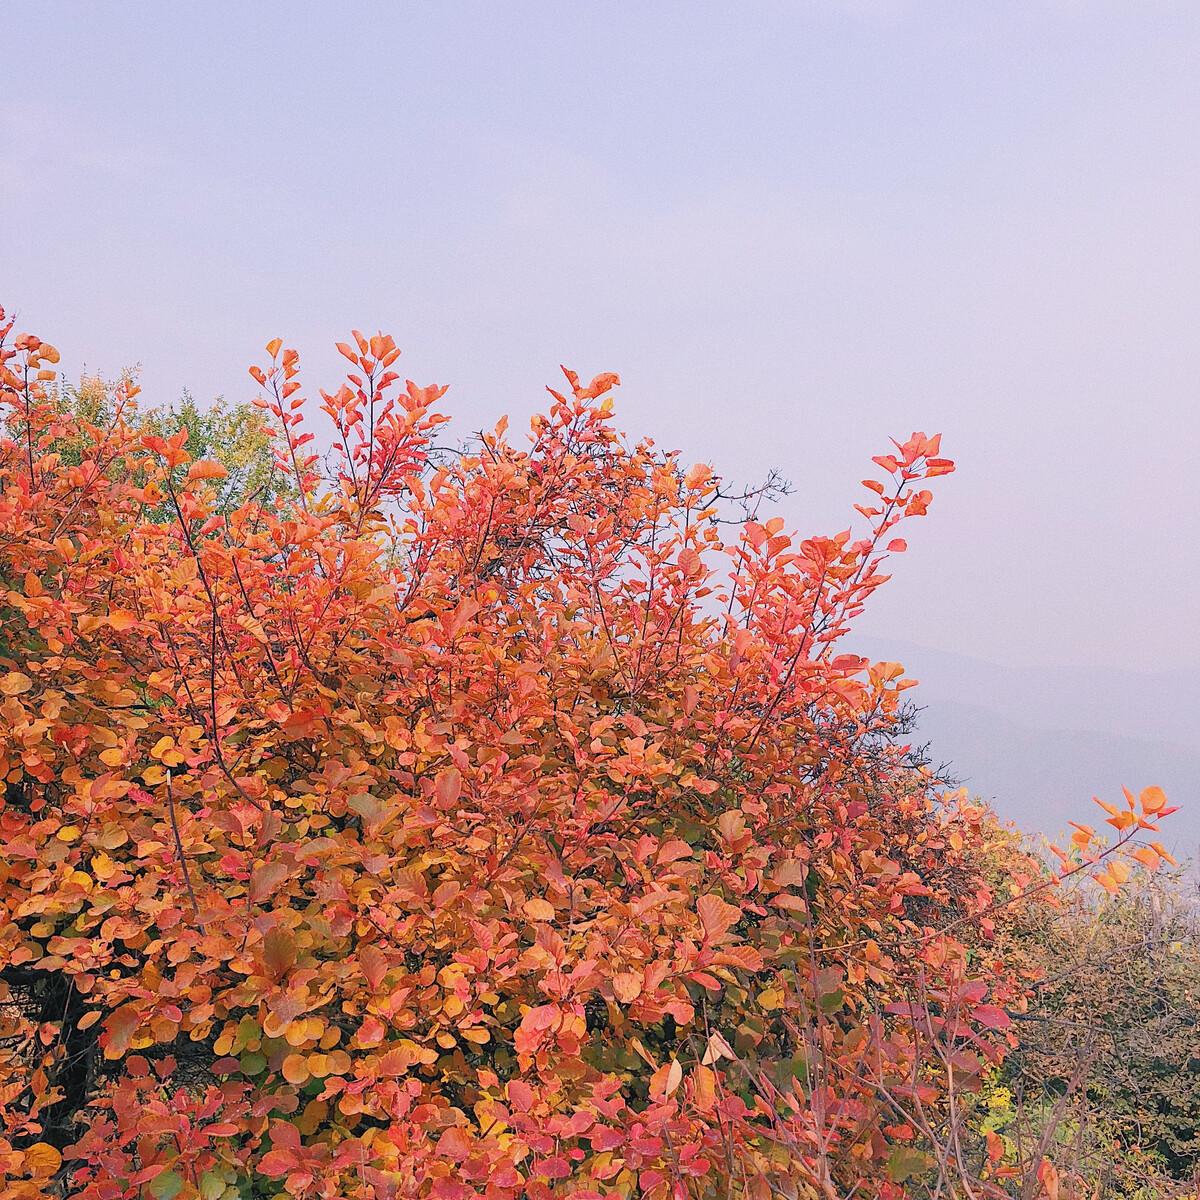 香山红叶?图片